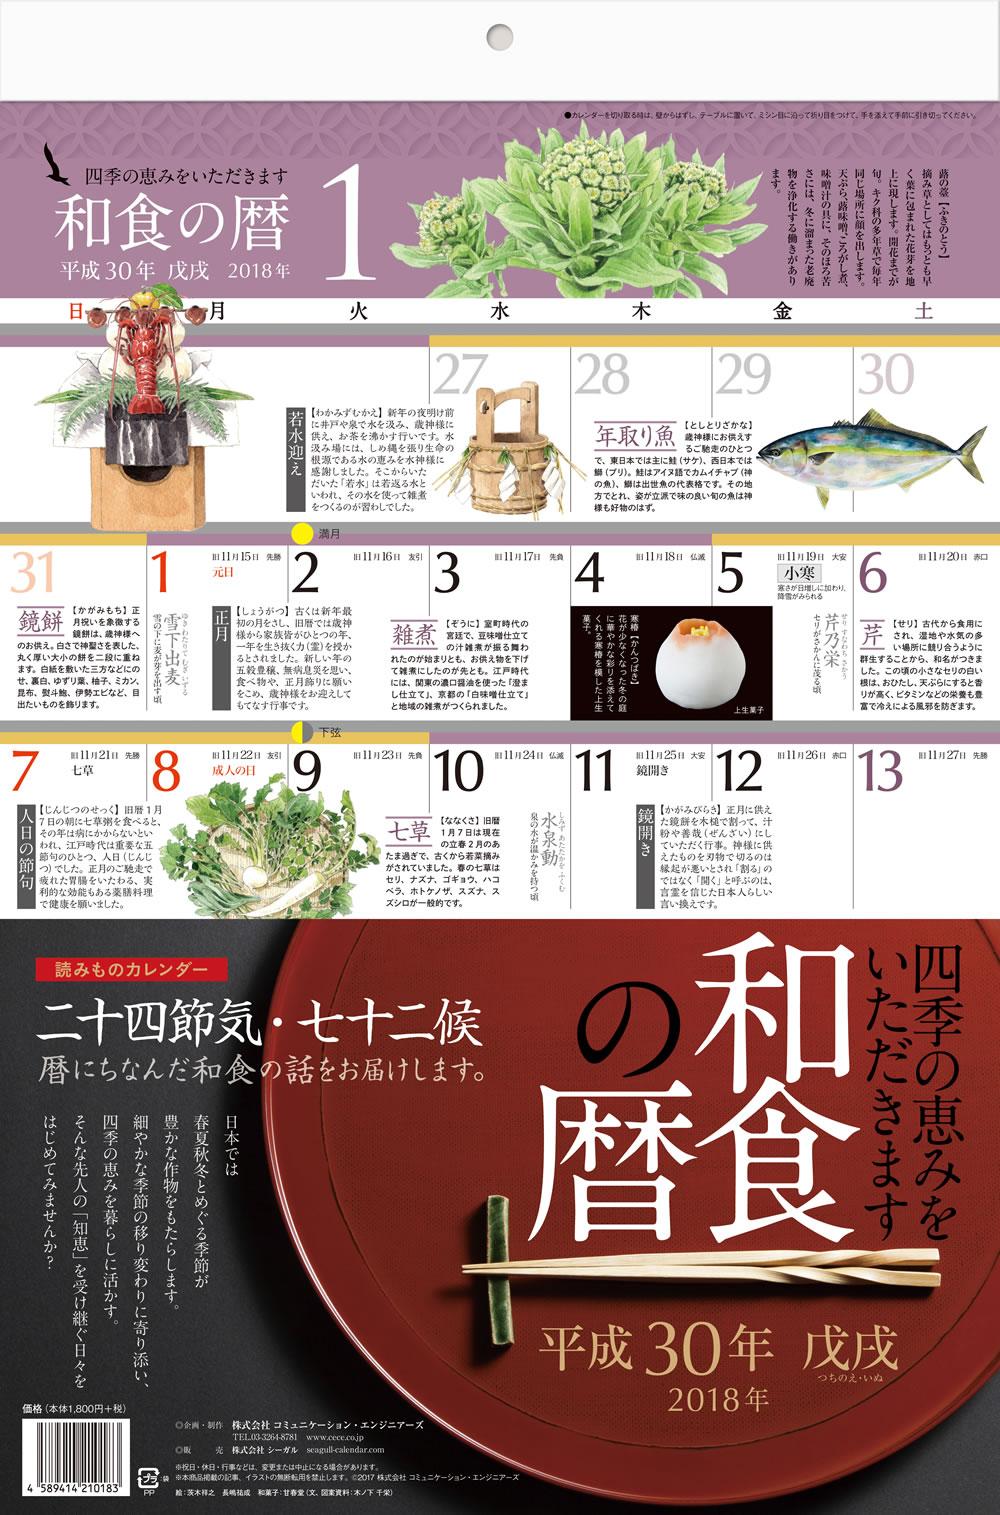 季節を感じる「歳時記カレンダー2018」販売スタート!今年は「和食の暦カレンダー」新登場!